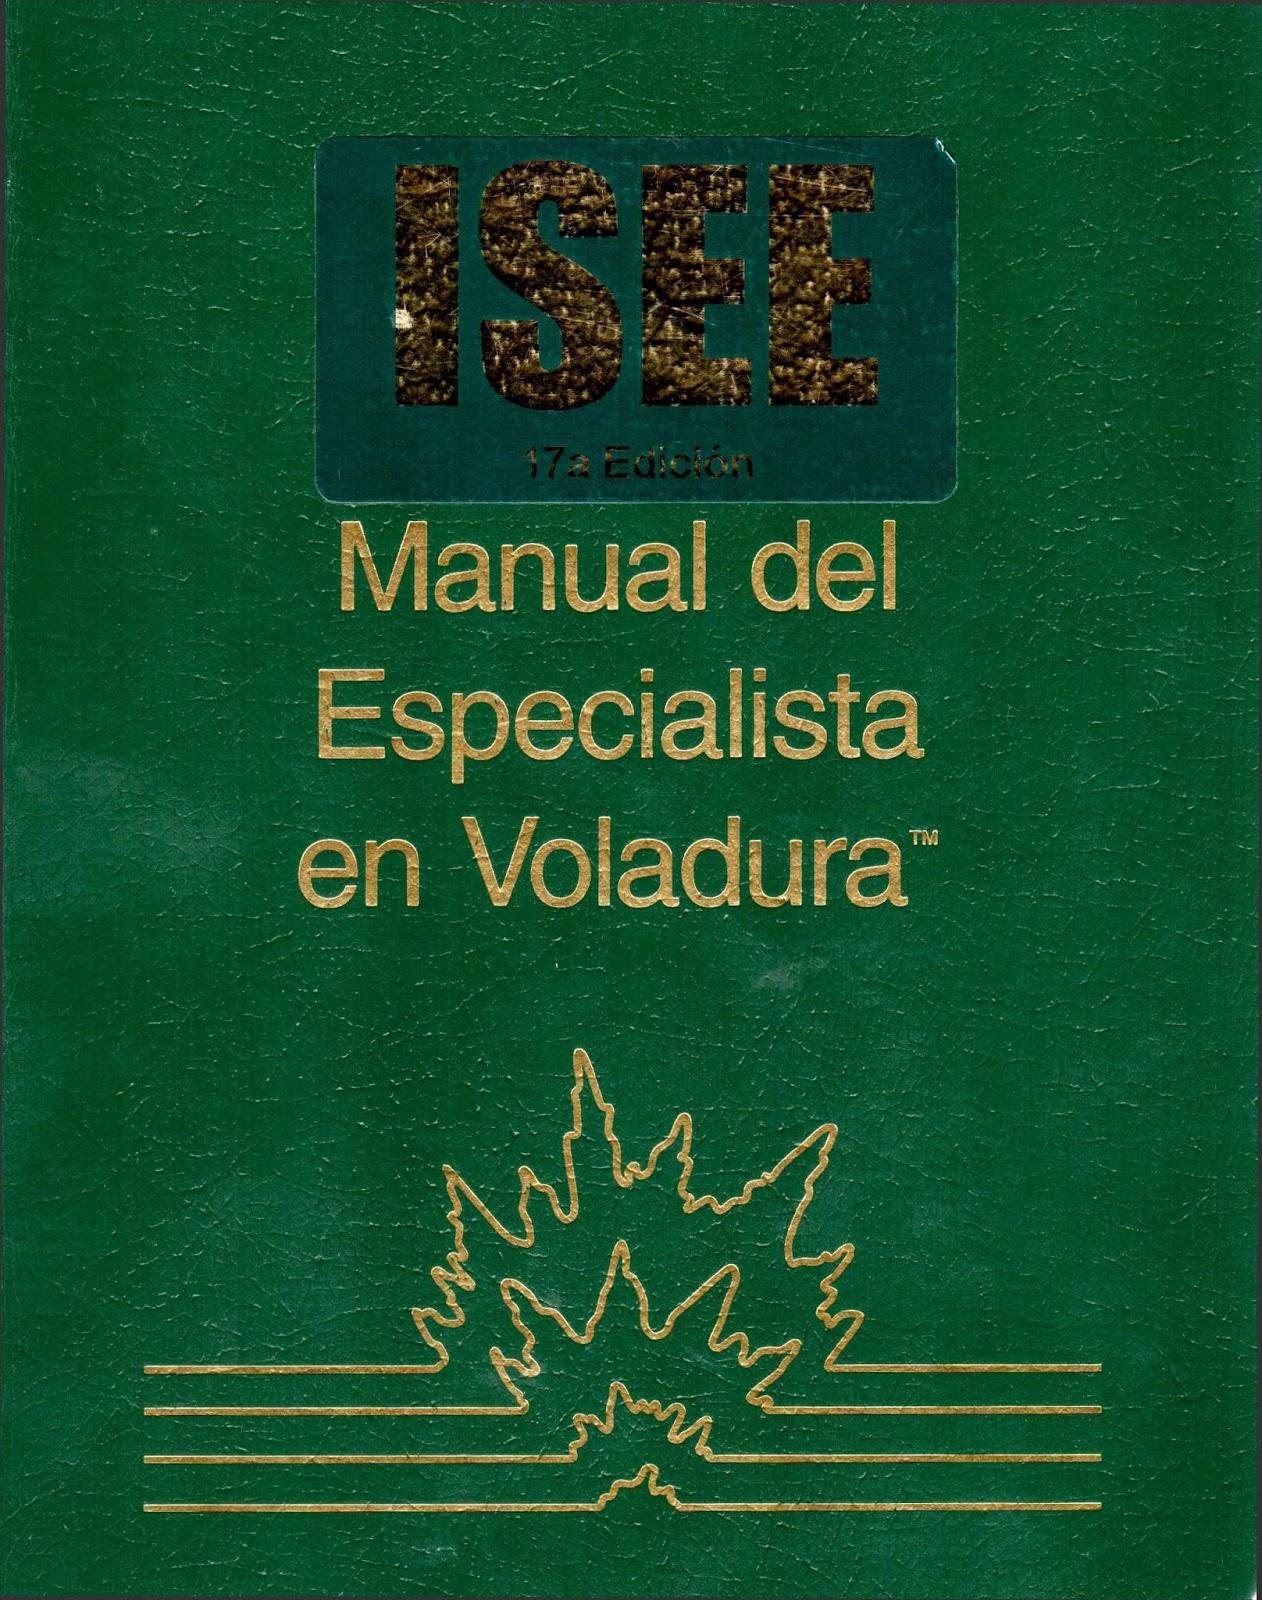 Manual del especialista en voladura, 17va Edición – ISEE